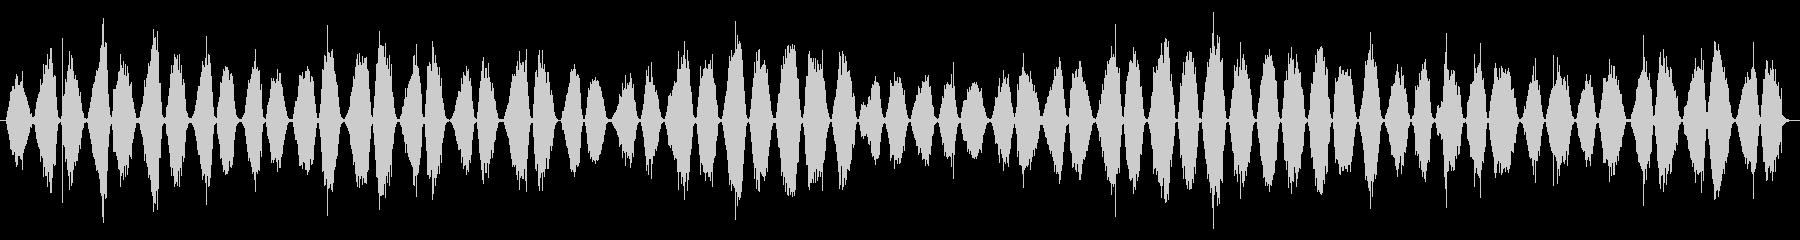 サンドペーパー:木材のミディアムサ...の未再生の波形